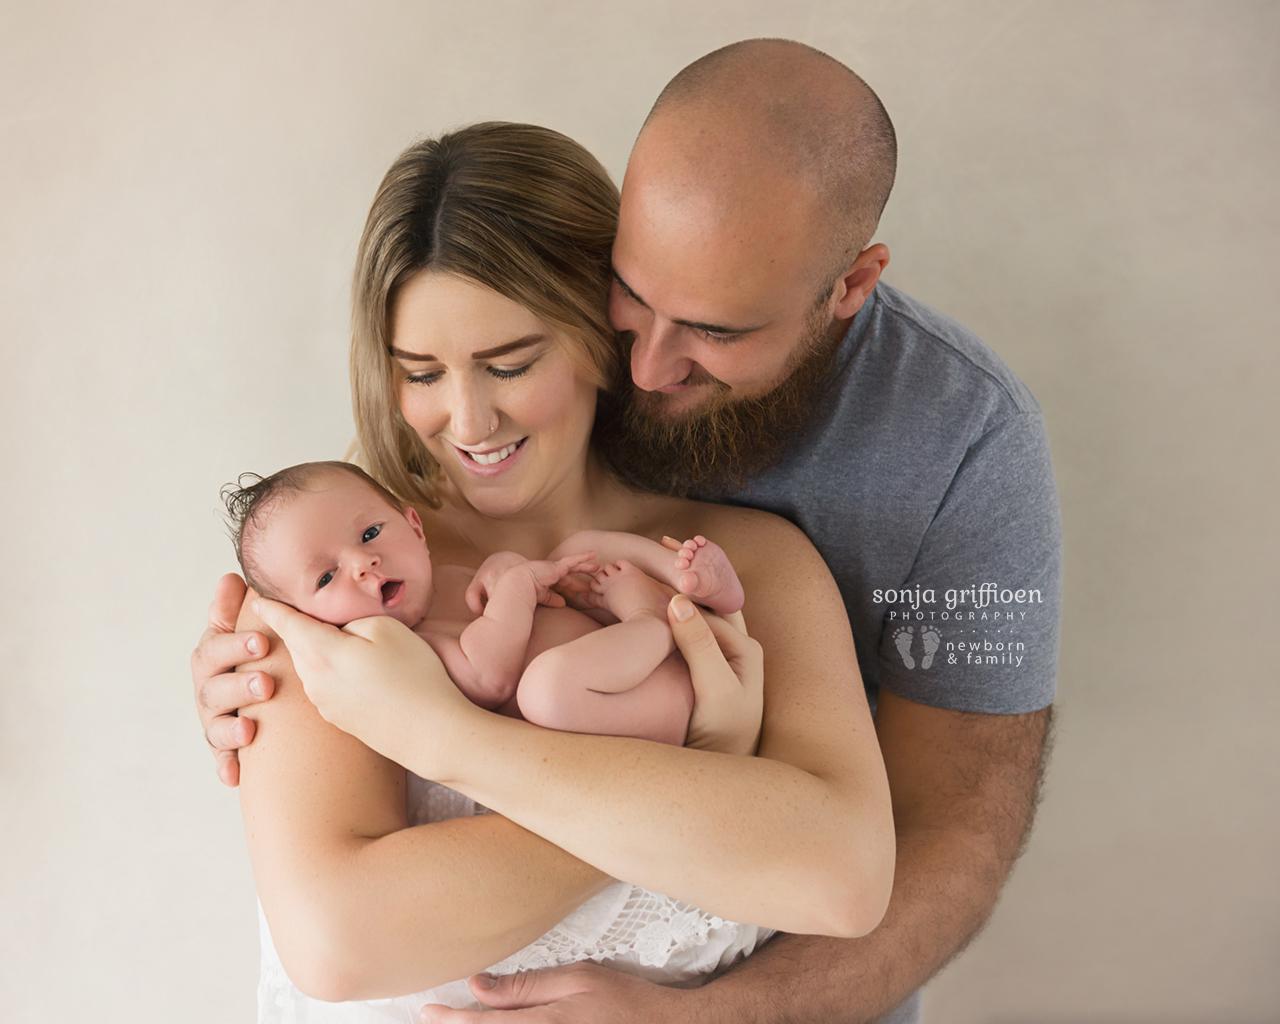 Oliver-Newborn-Brisbane-Newborn-Photographer-Sonja-Griffioen-01.jpg